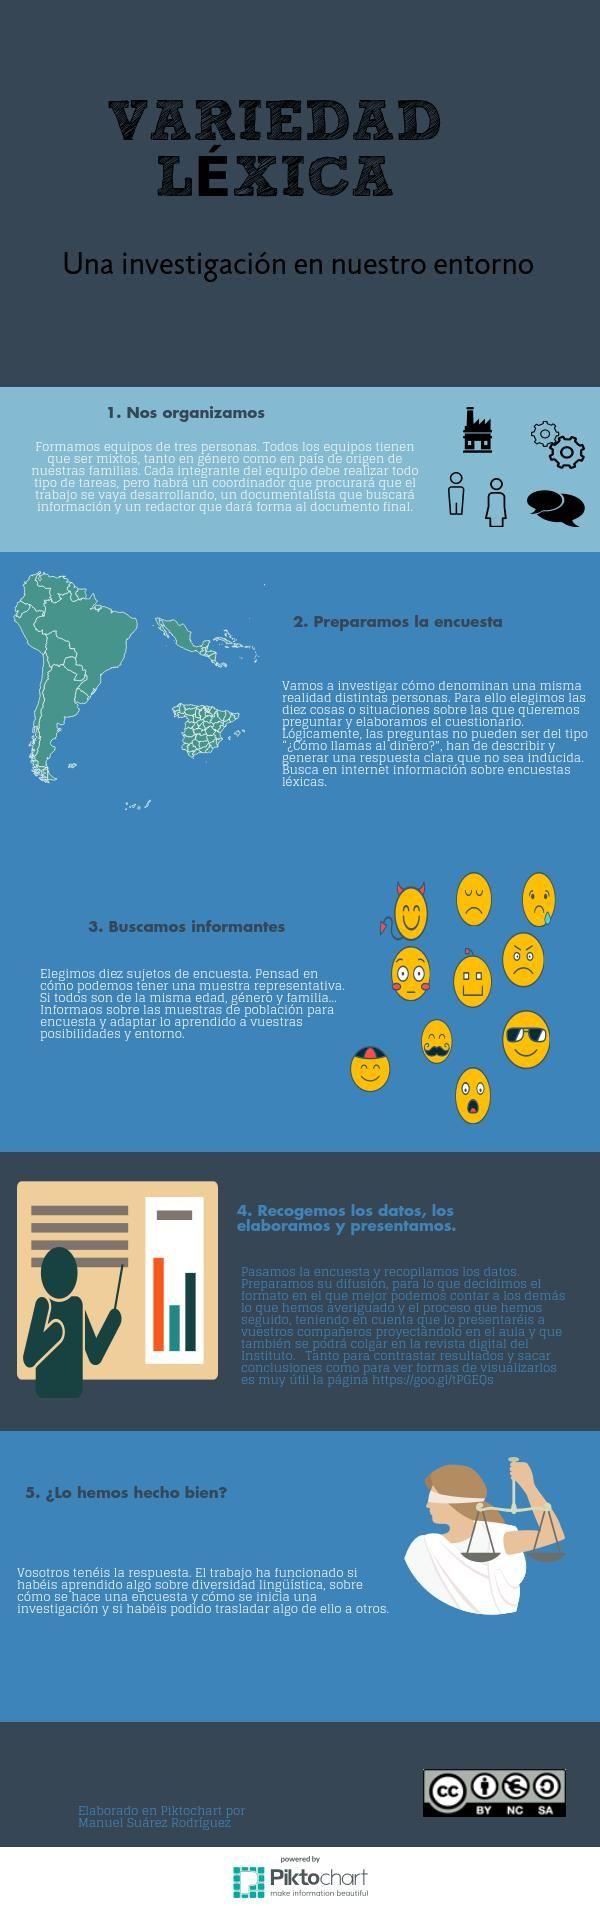 Manuel Suárez Rodríguez (Grupo C). Variedad léxica: Presenta una investigación en nuestro entorno, procurando que su alumnado conozca cómo llevar a cabo encuestas y ofrecer de forma correcta los datos recogidos :)